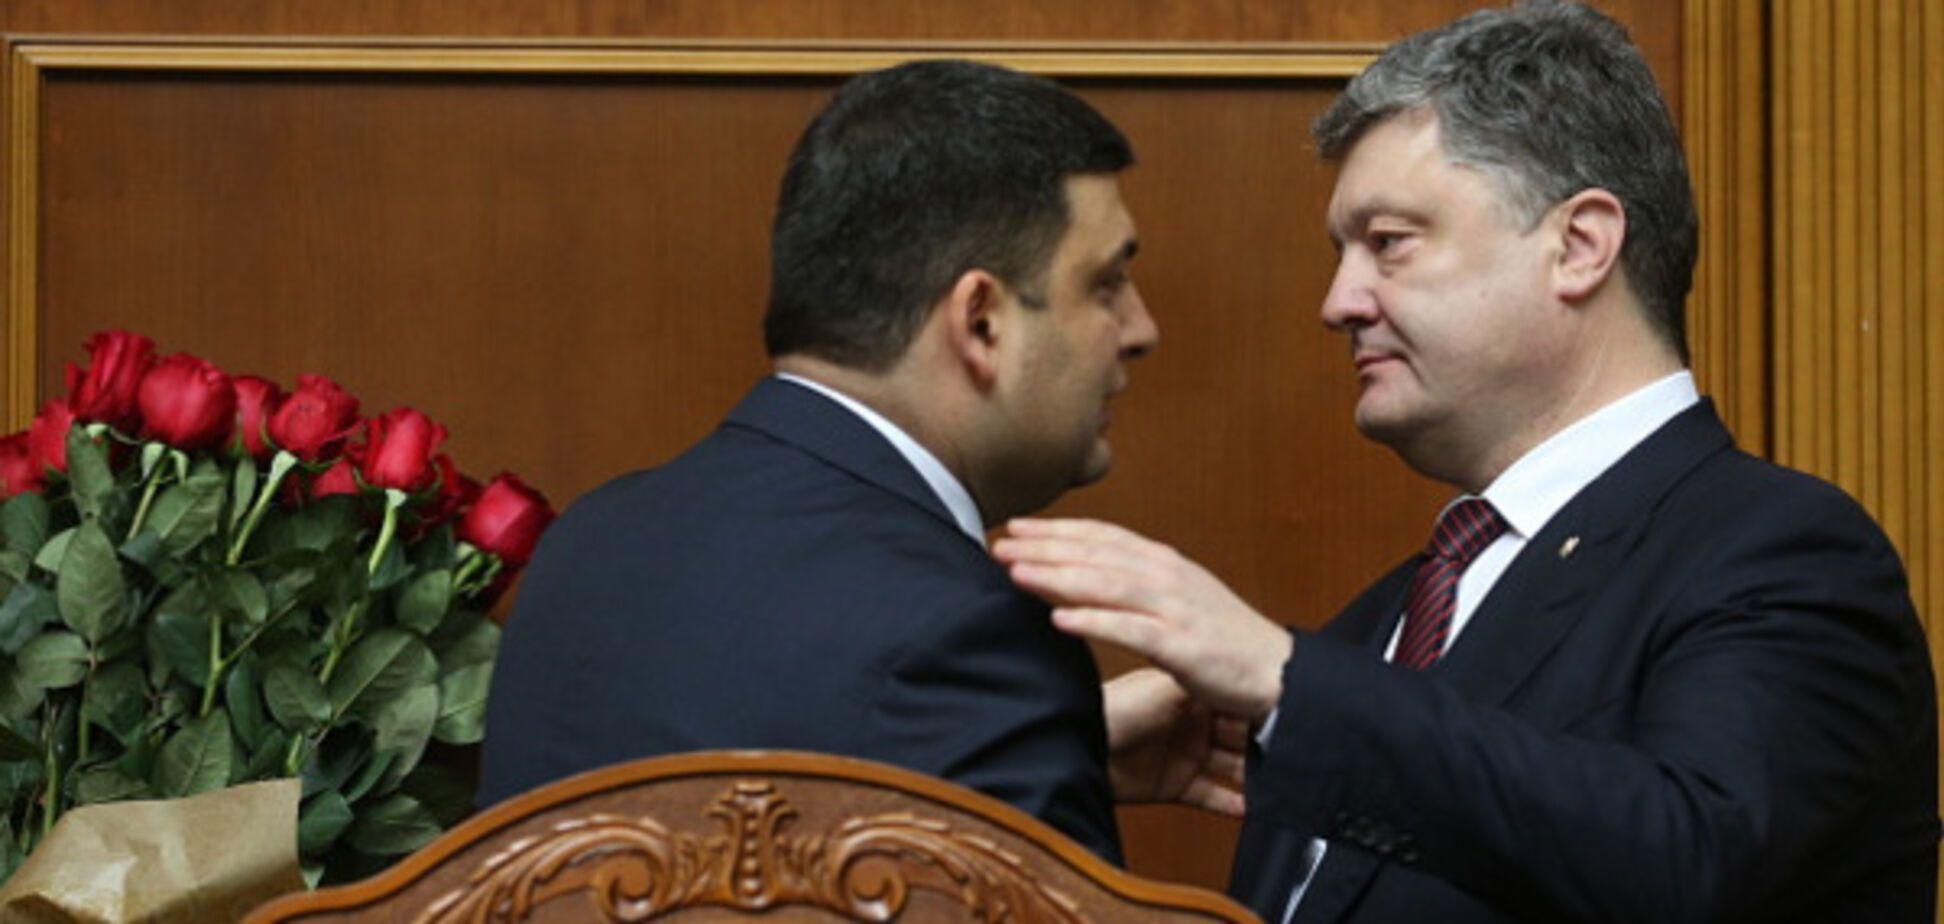 НАПК взялась за декларации Порошенко, Гройсмана и членов Кабмина